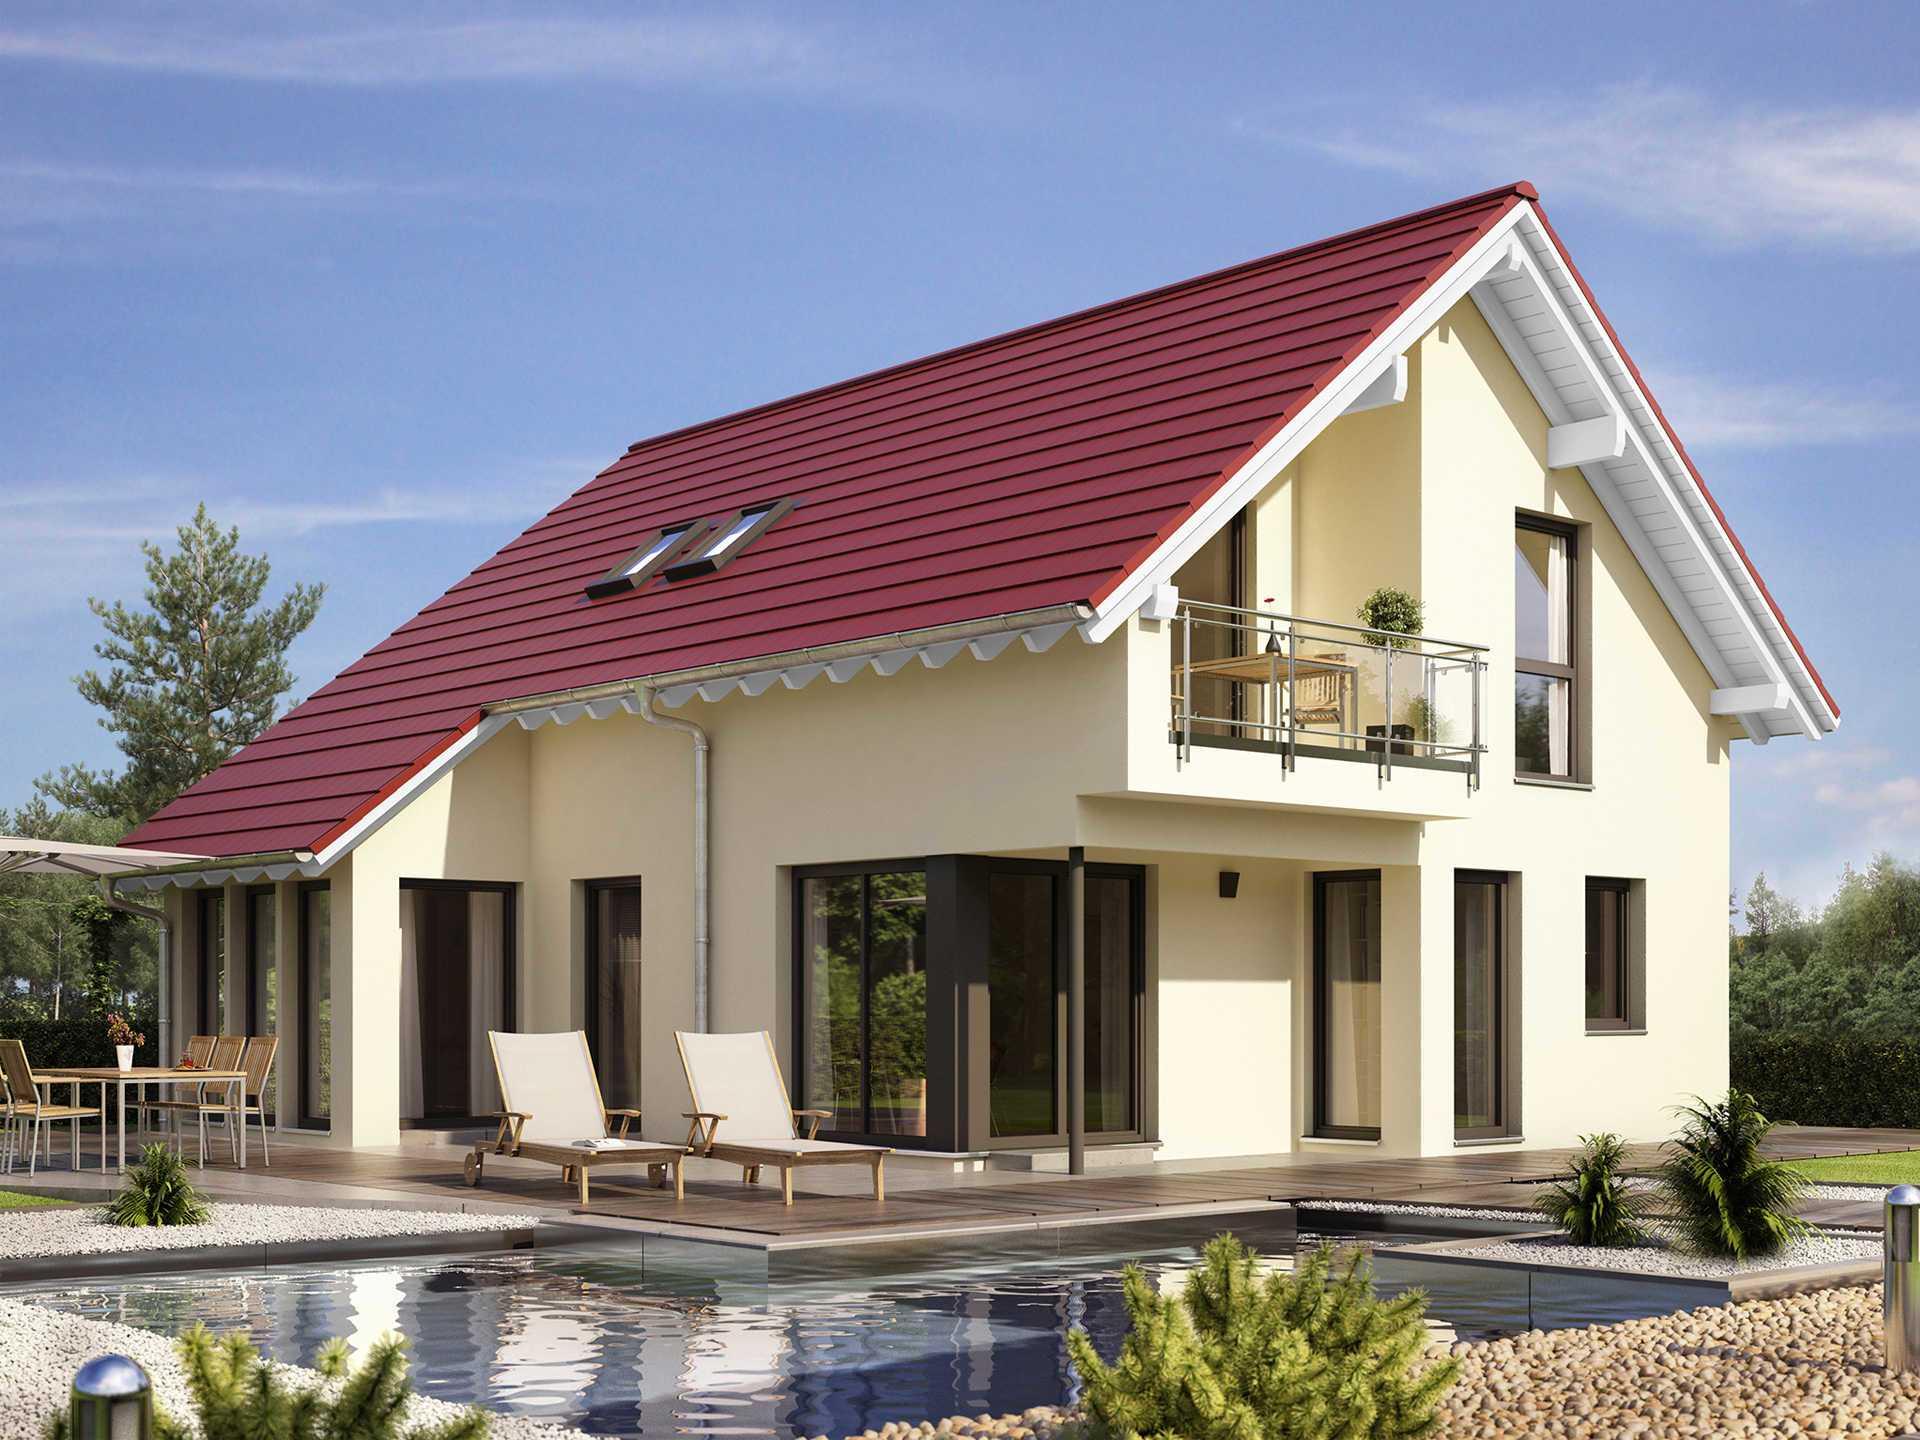 Einfamilienhaus EDITION 1 V5 - Bien-Zenker